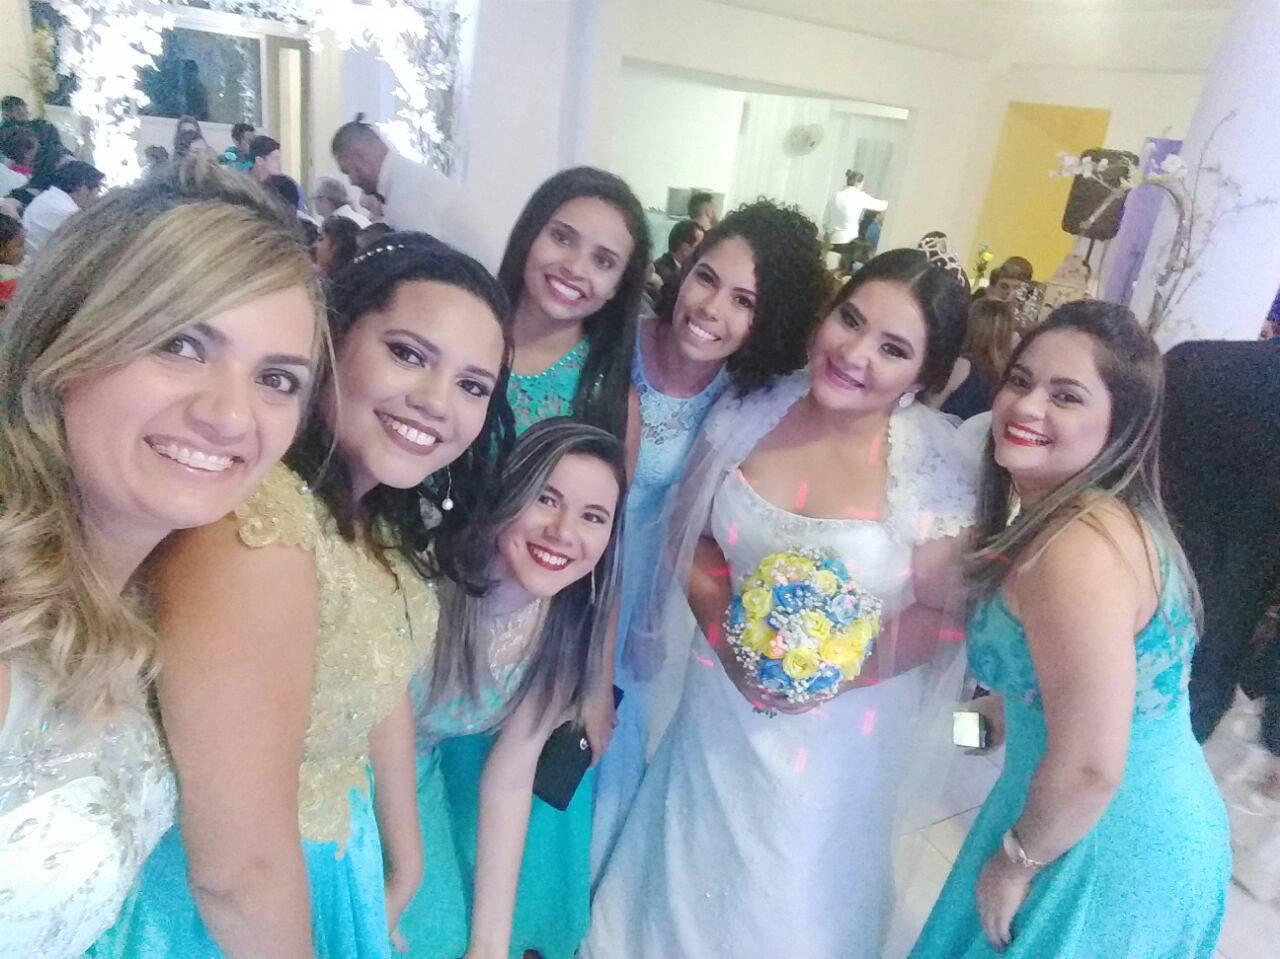 #NoivinhasDePlantão: Madrinhas padronizadas, #NoivinhasDePlantão, madrinhas padronizadas, madrinhas de casamento, blog kahenakévya, kahena kévya, blog kachear,